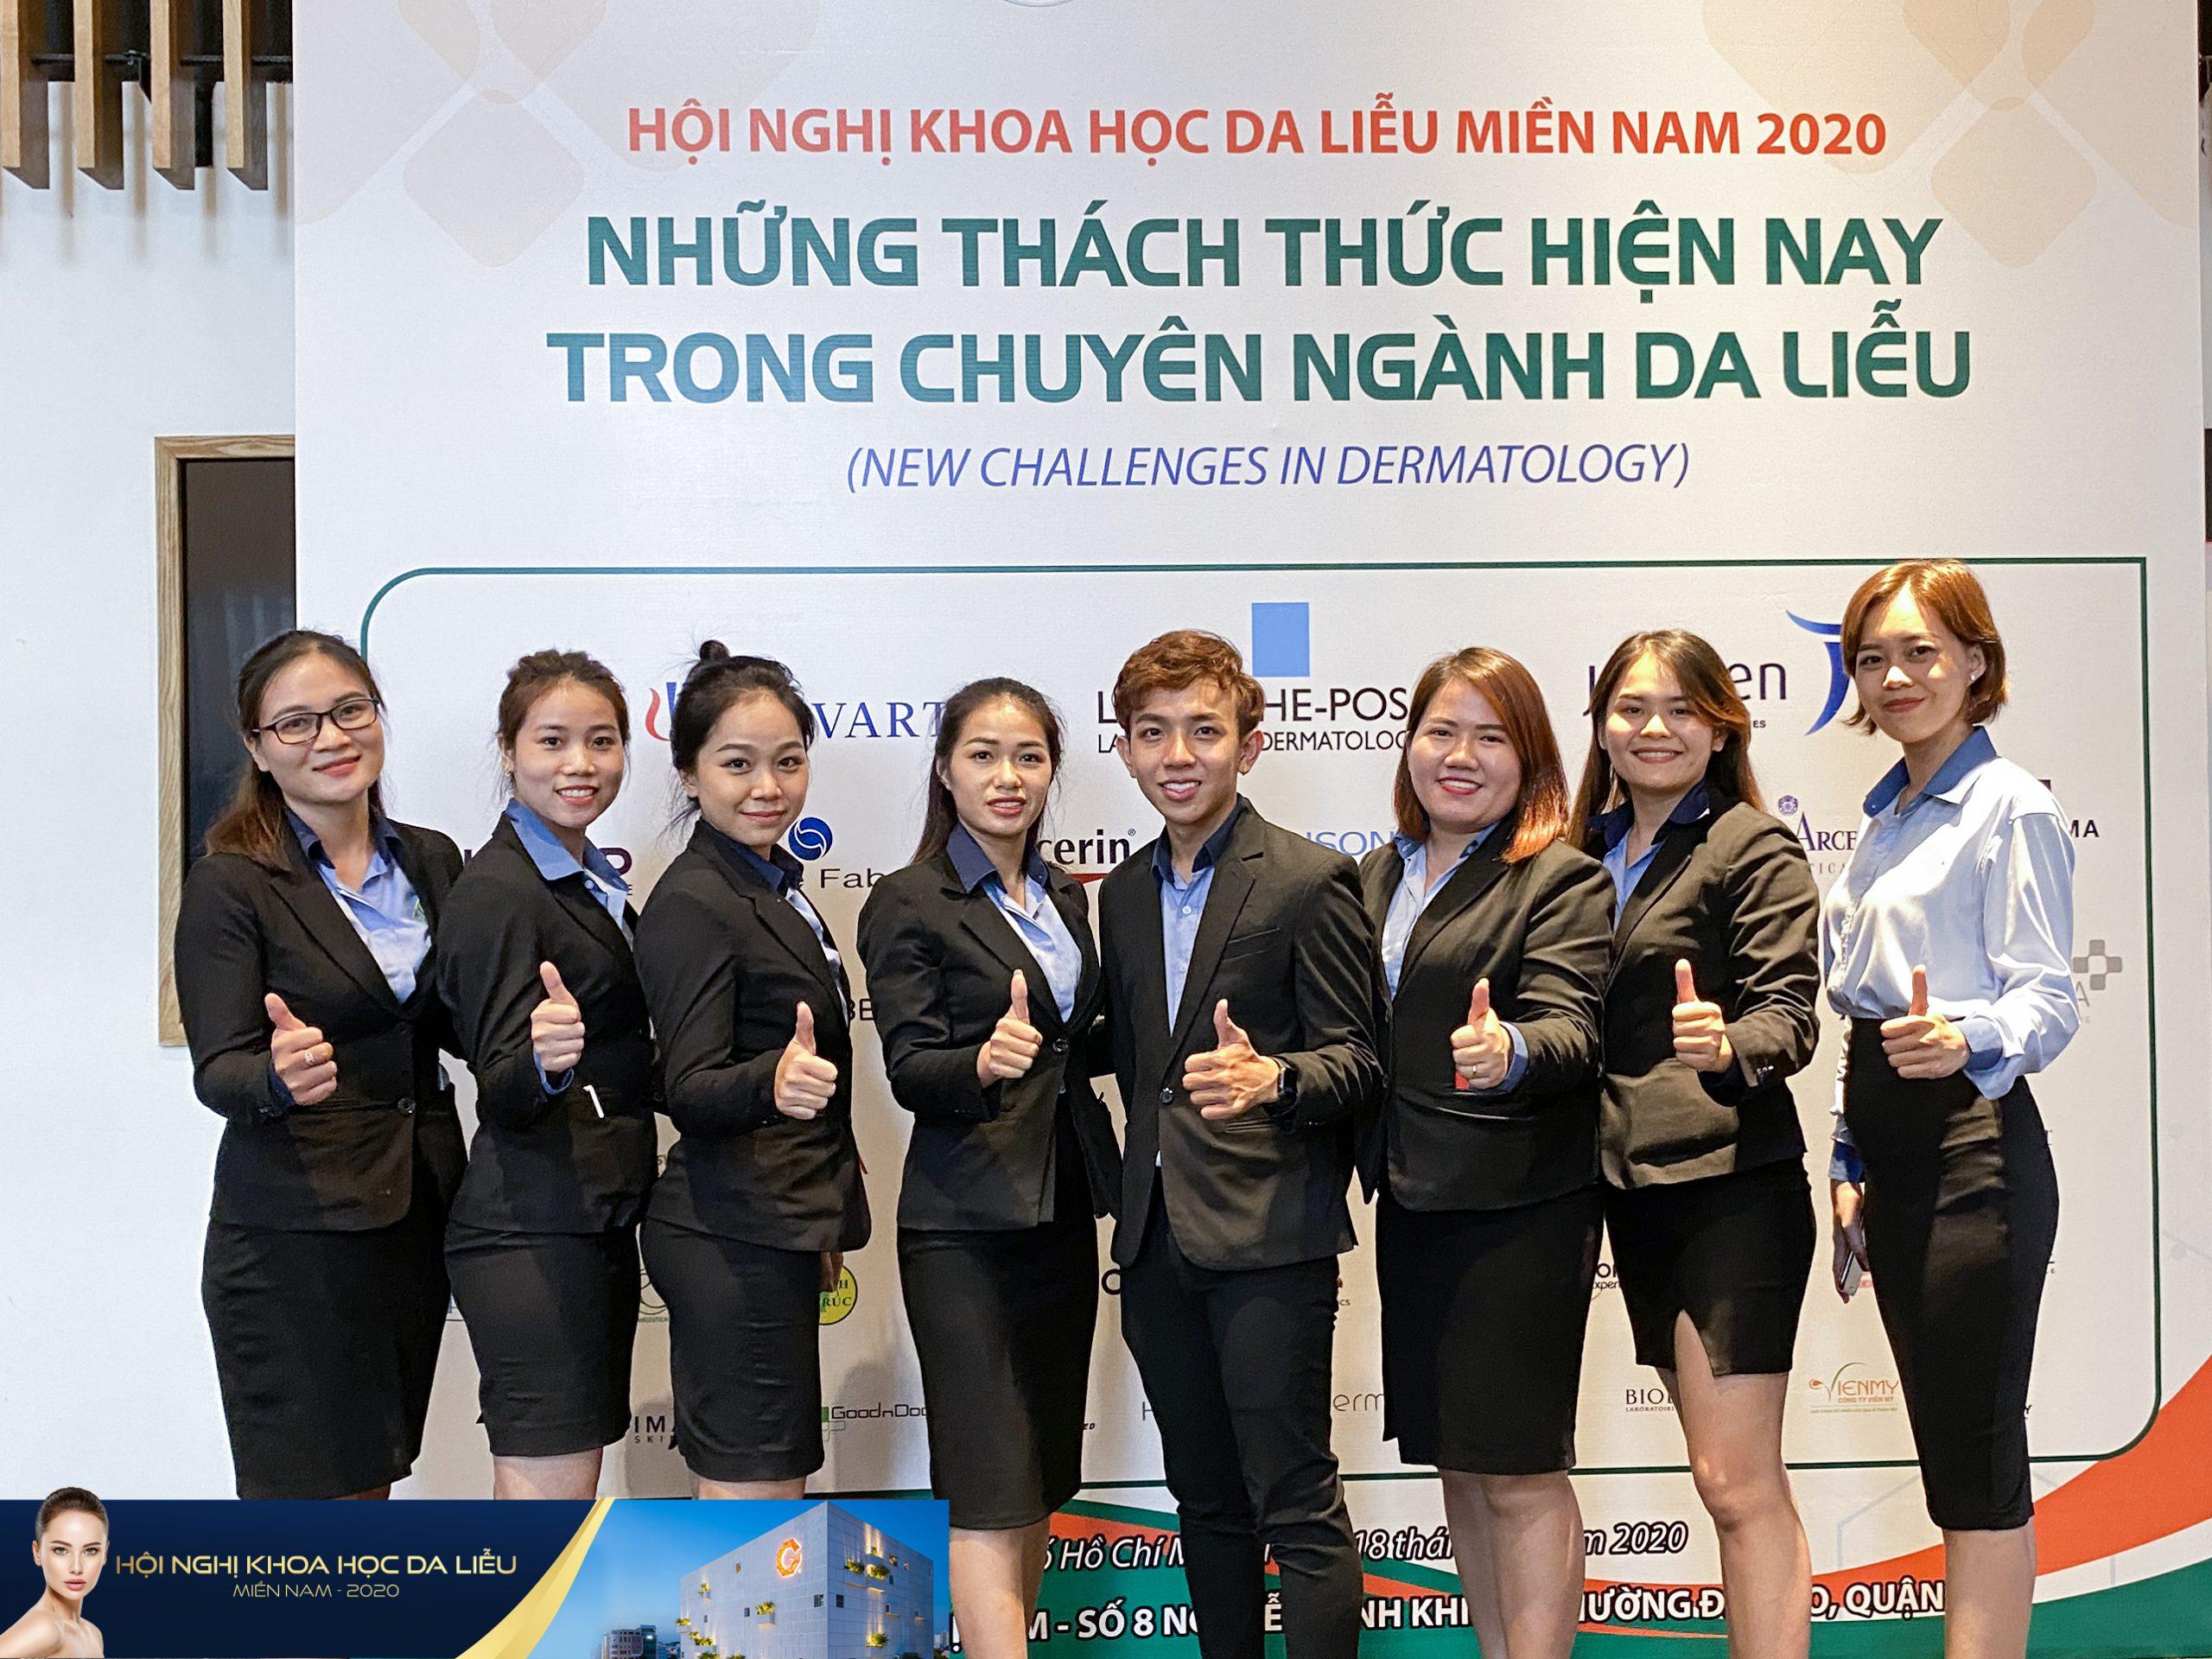 Tâm – huyết mạch tạo nên TTH Vietnam